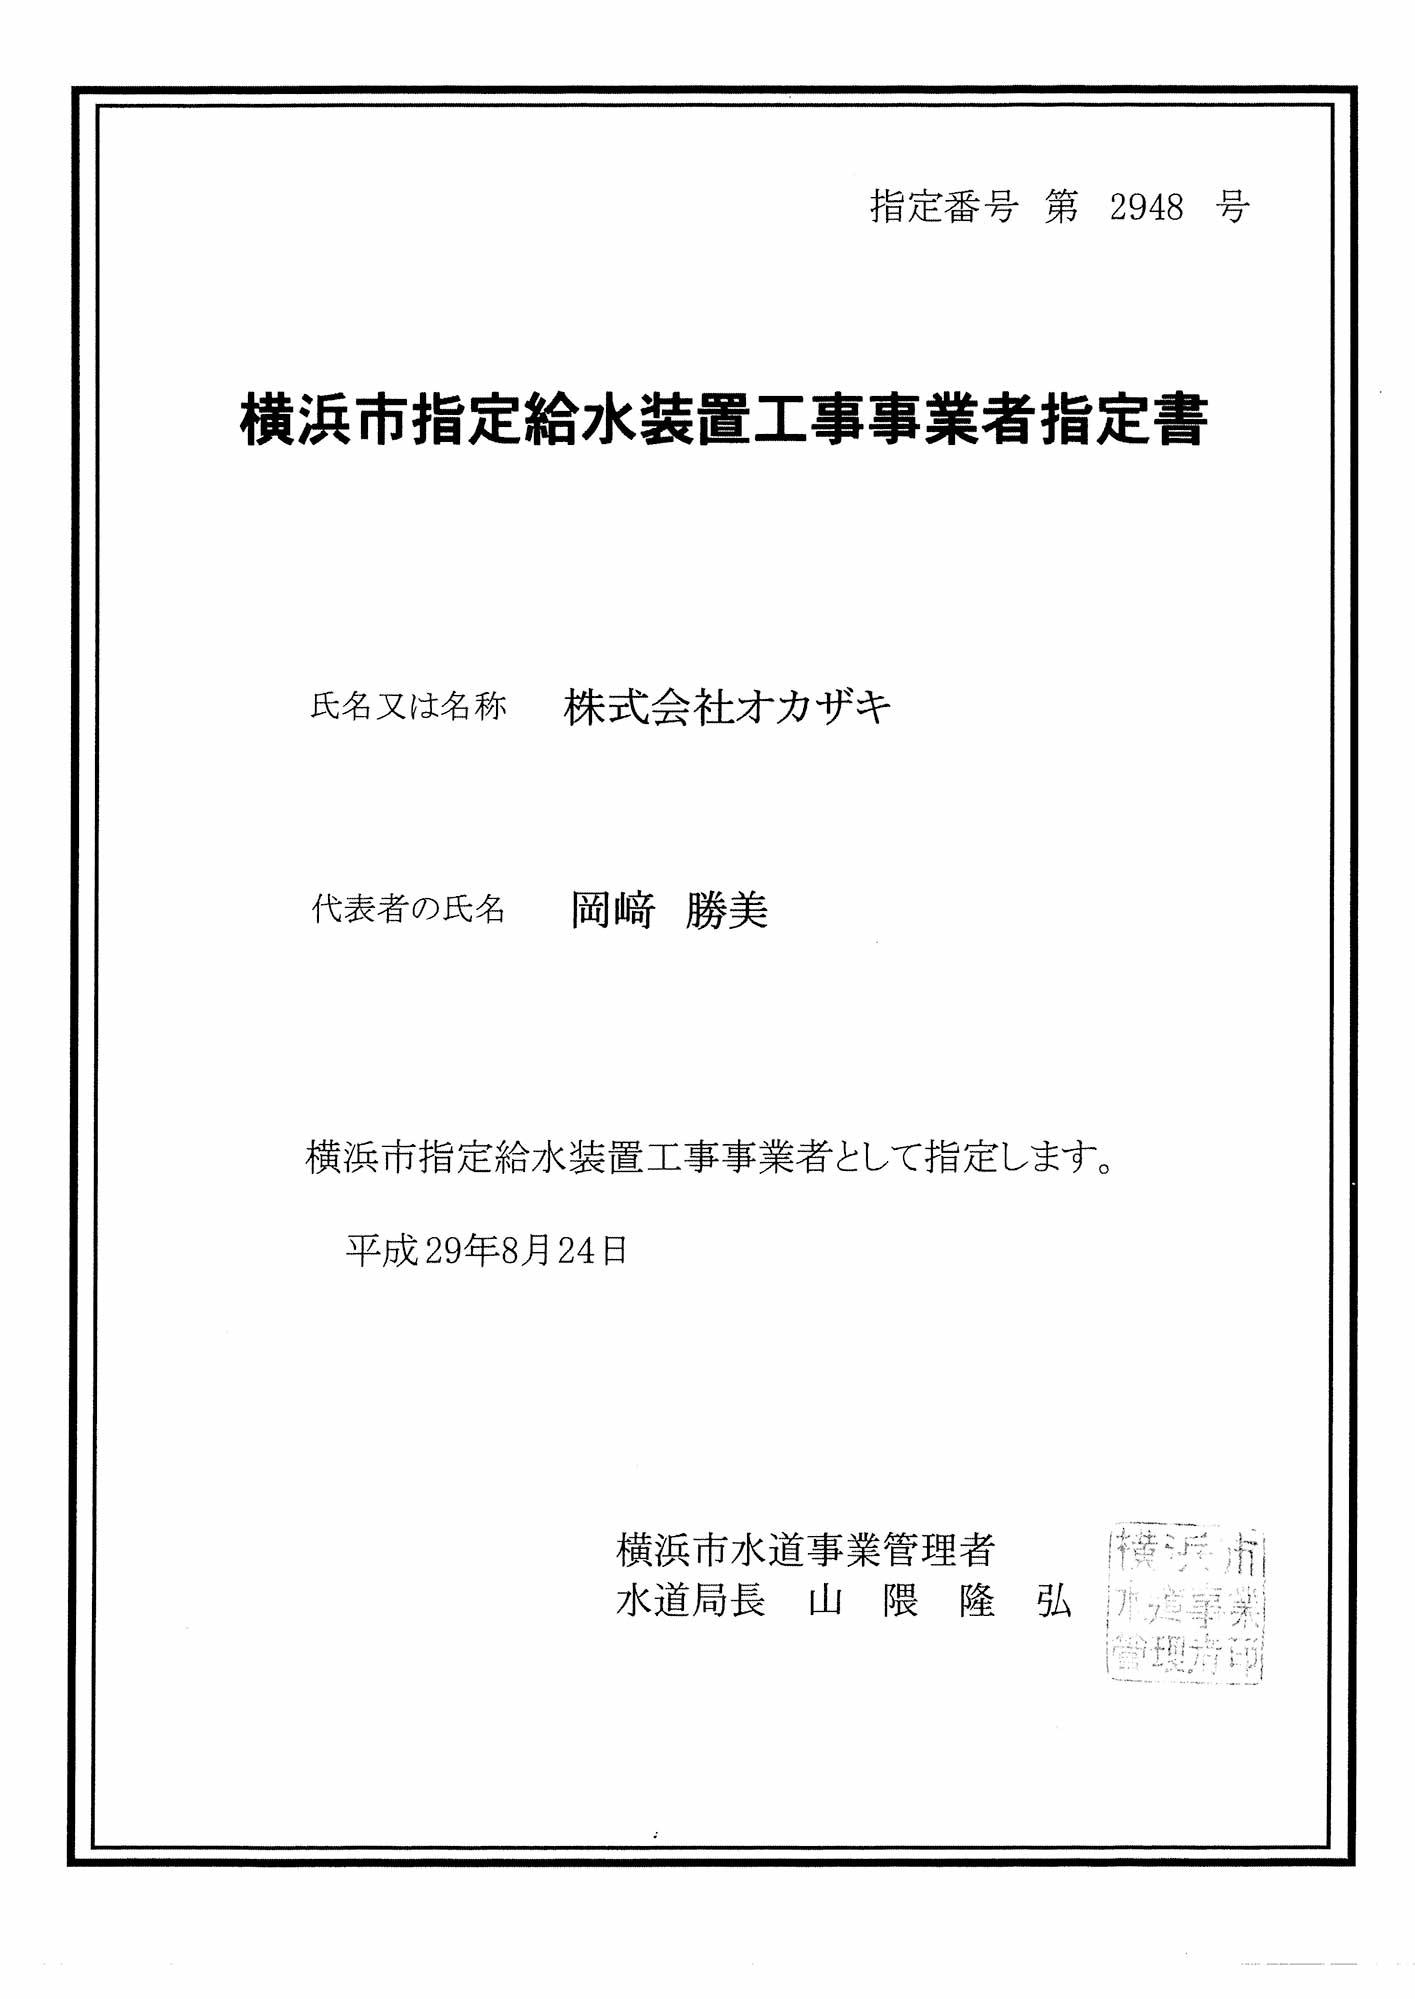 横浜市指定給水装置工事事業者